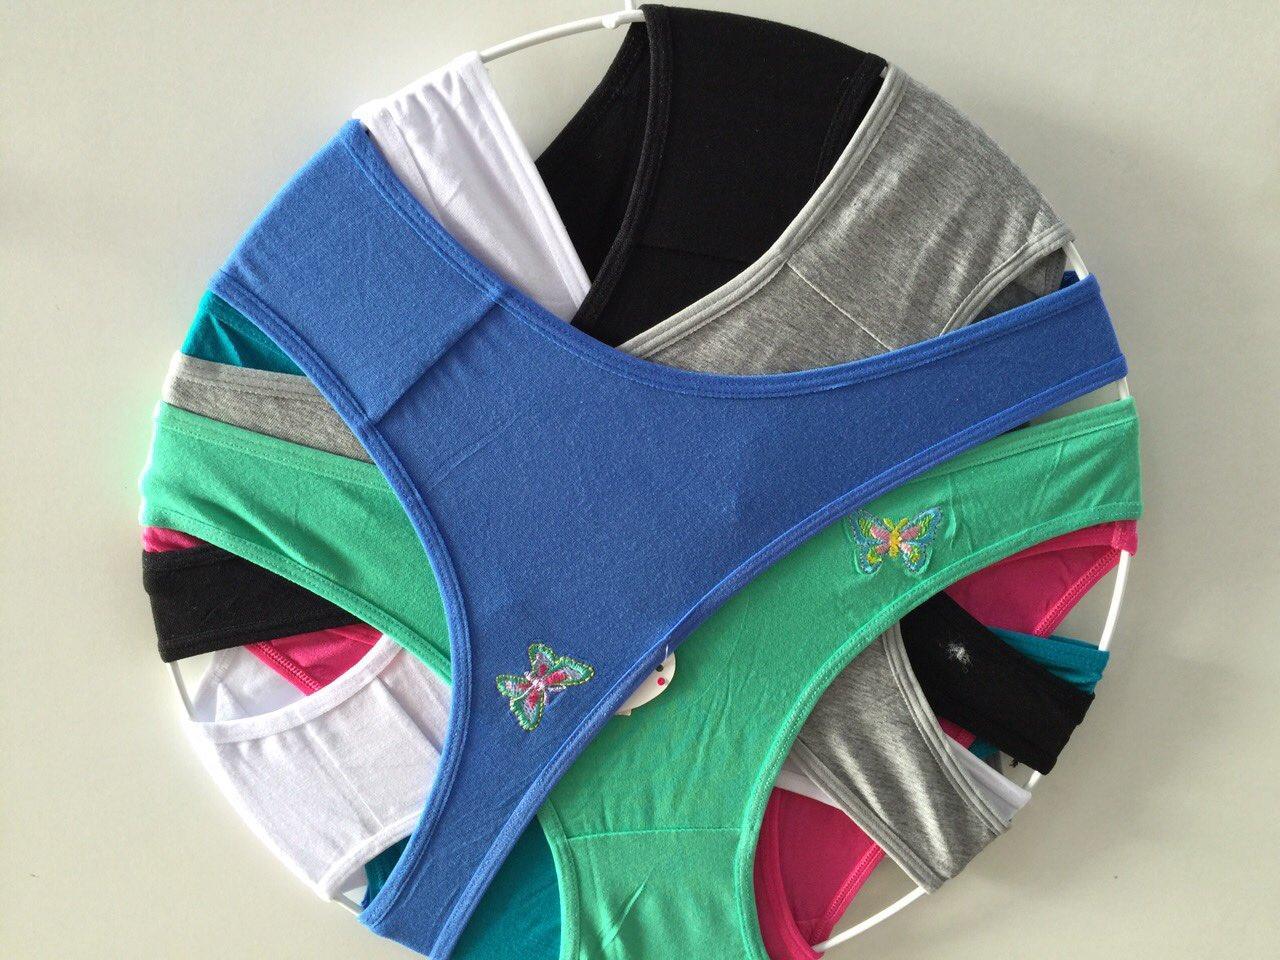 Женские трусики L-2XL размеры и цвета разные